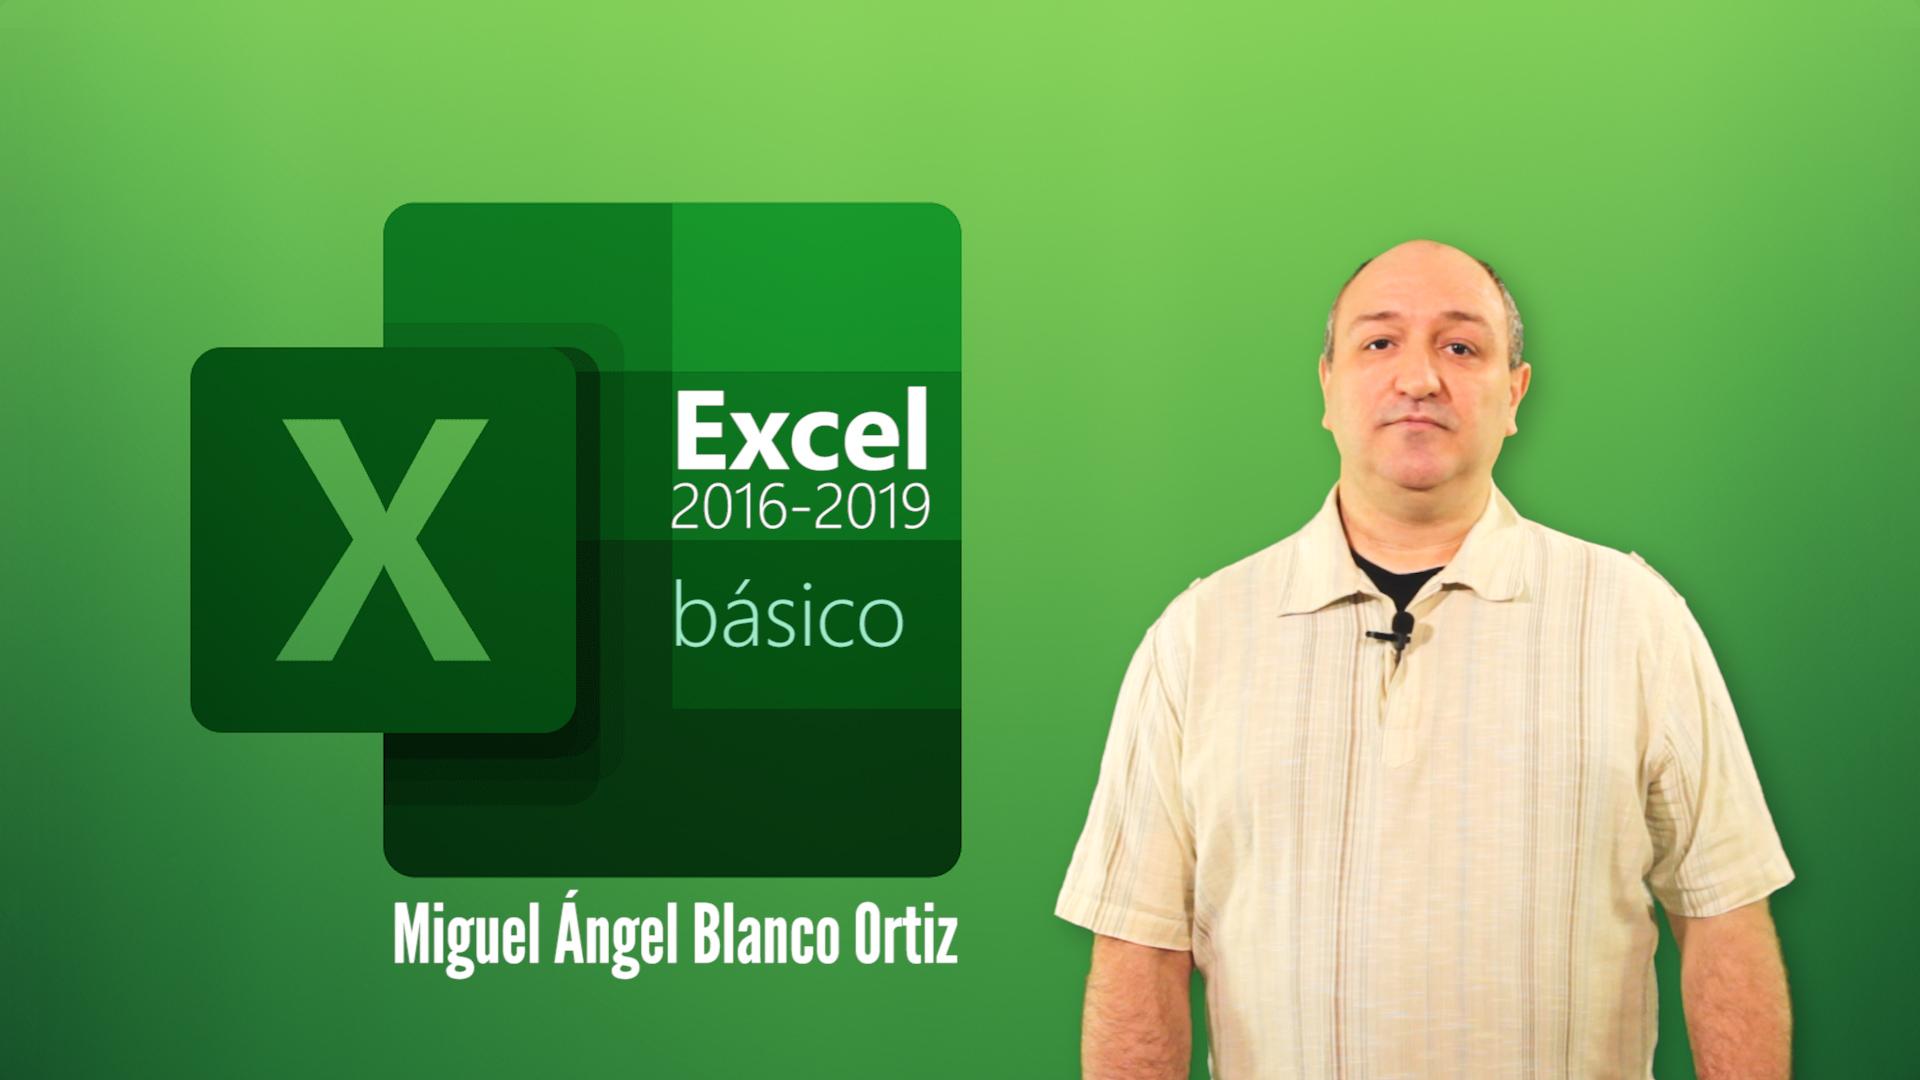 Curso de Excel 2016/2019 Básico